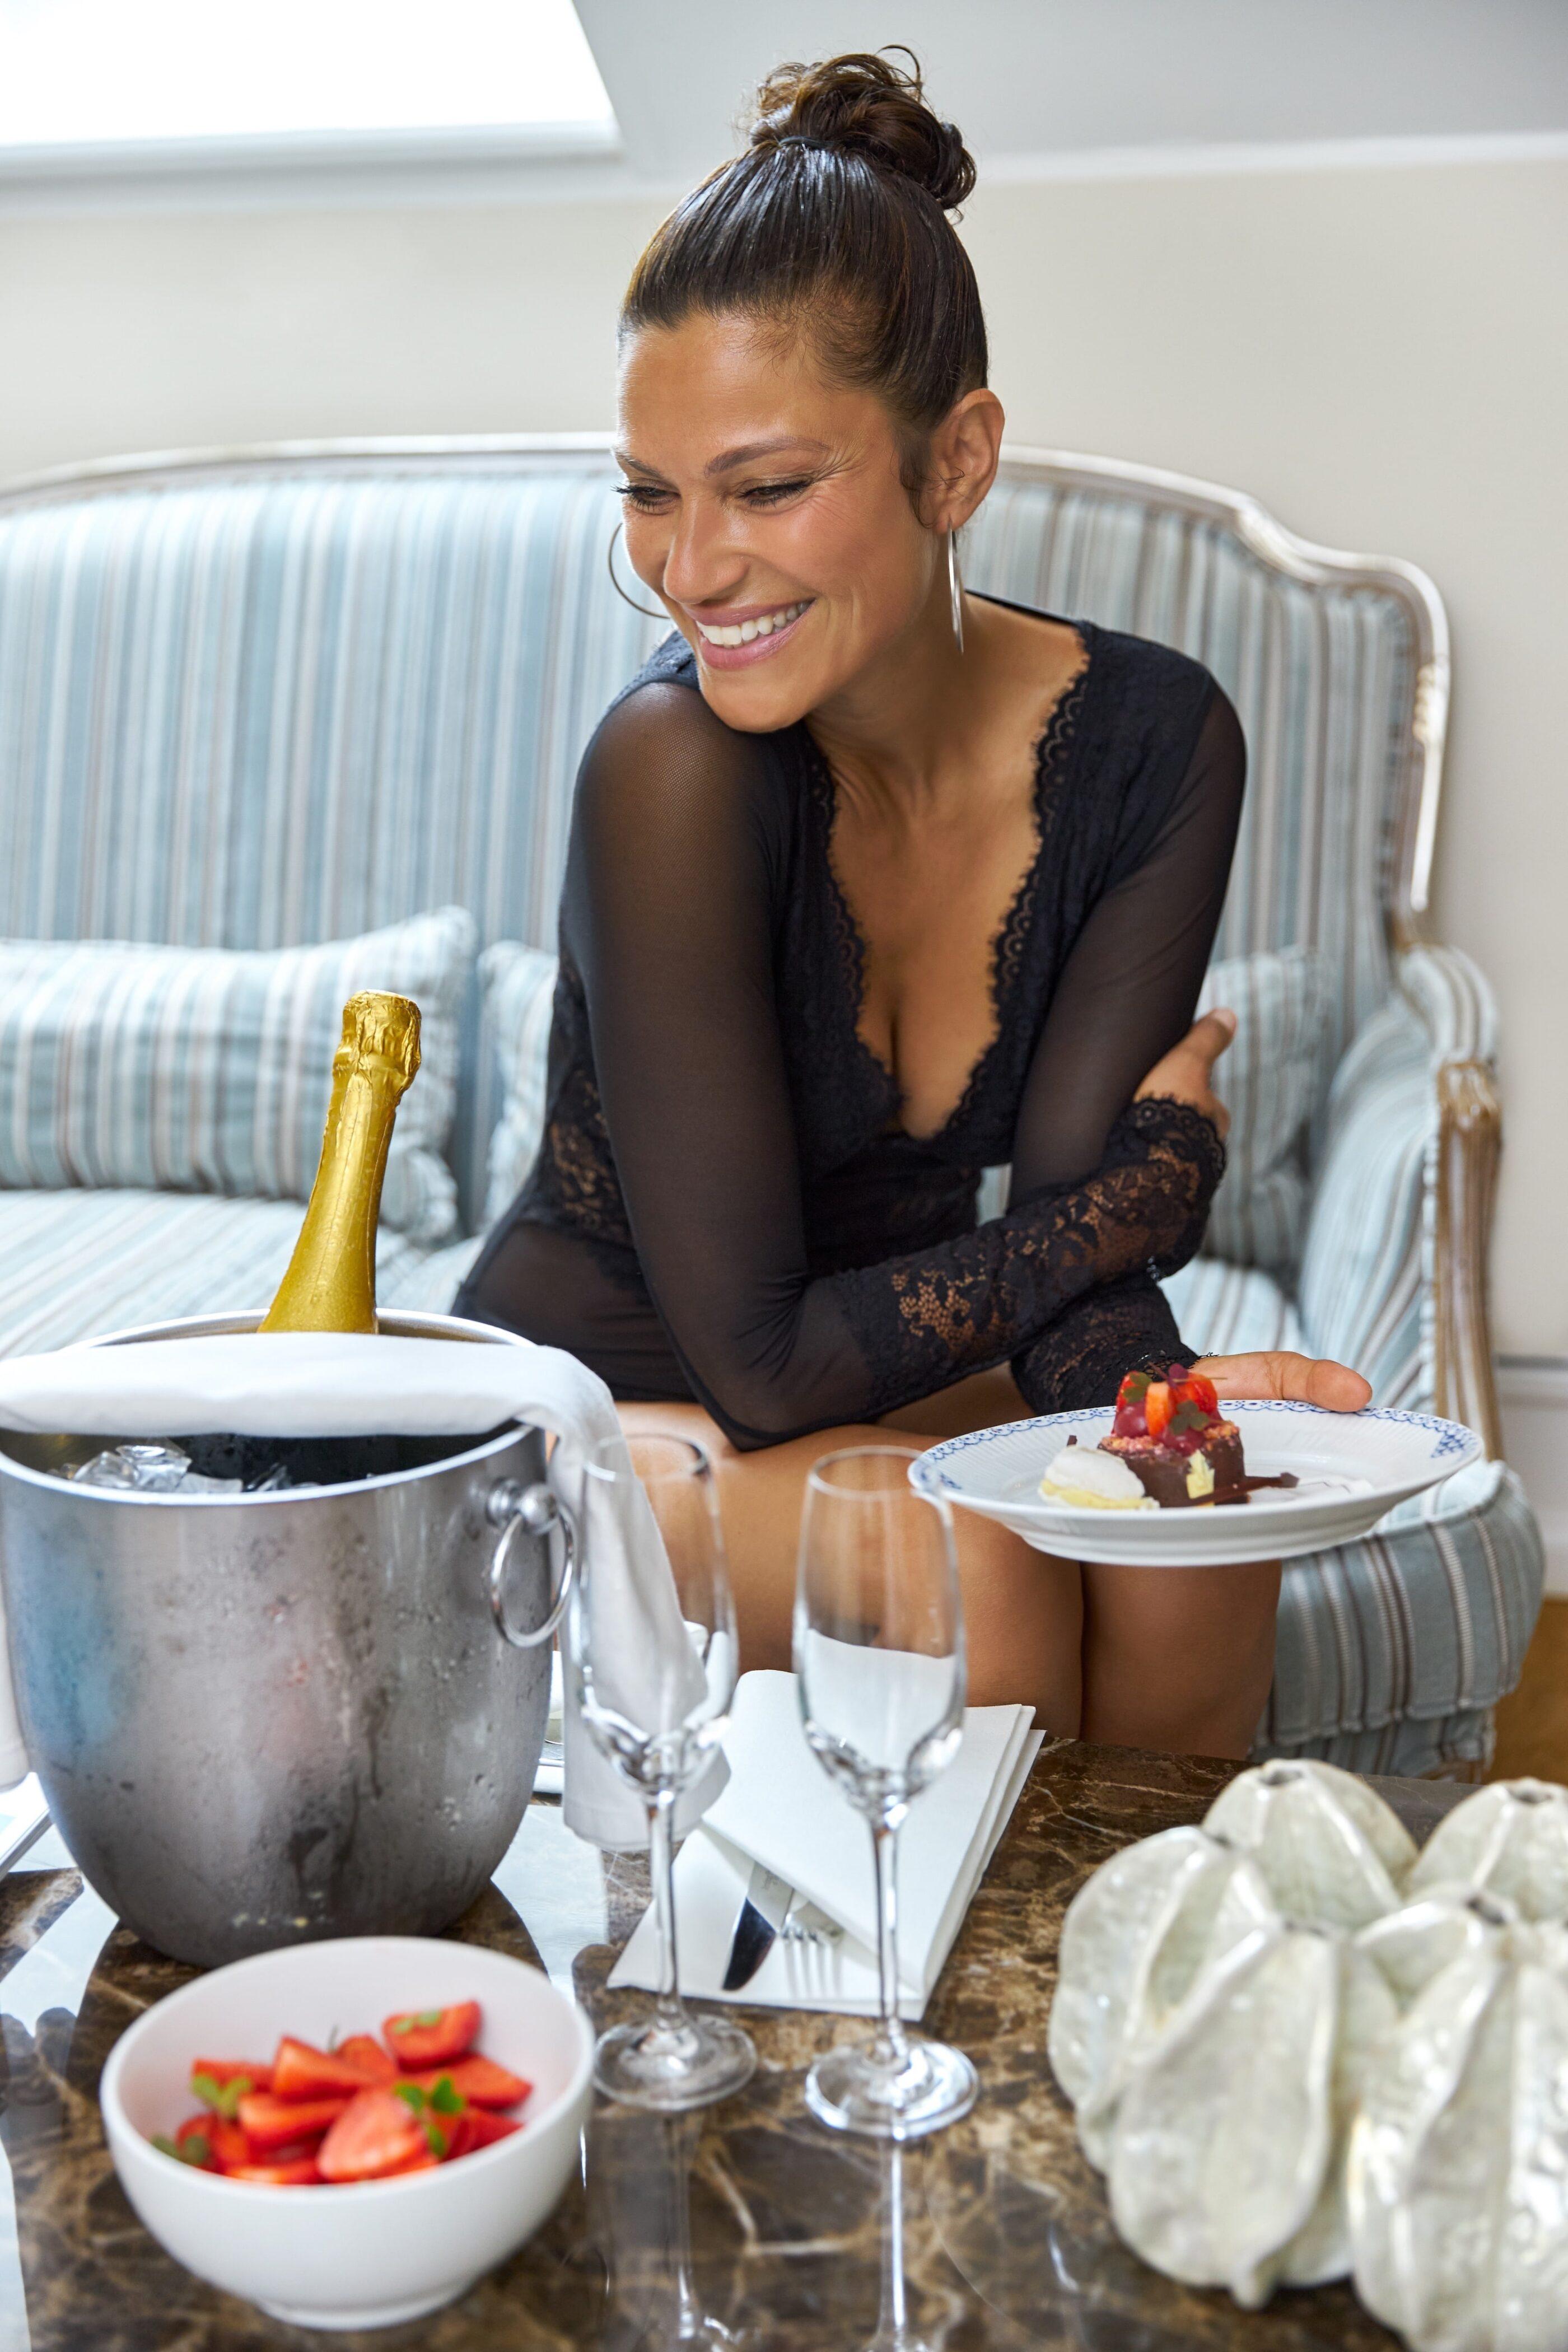 En kvinde i lingerie nyder en kage mens hun har vin på køl og 2 glas stående på bordet